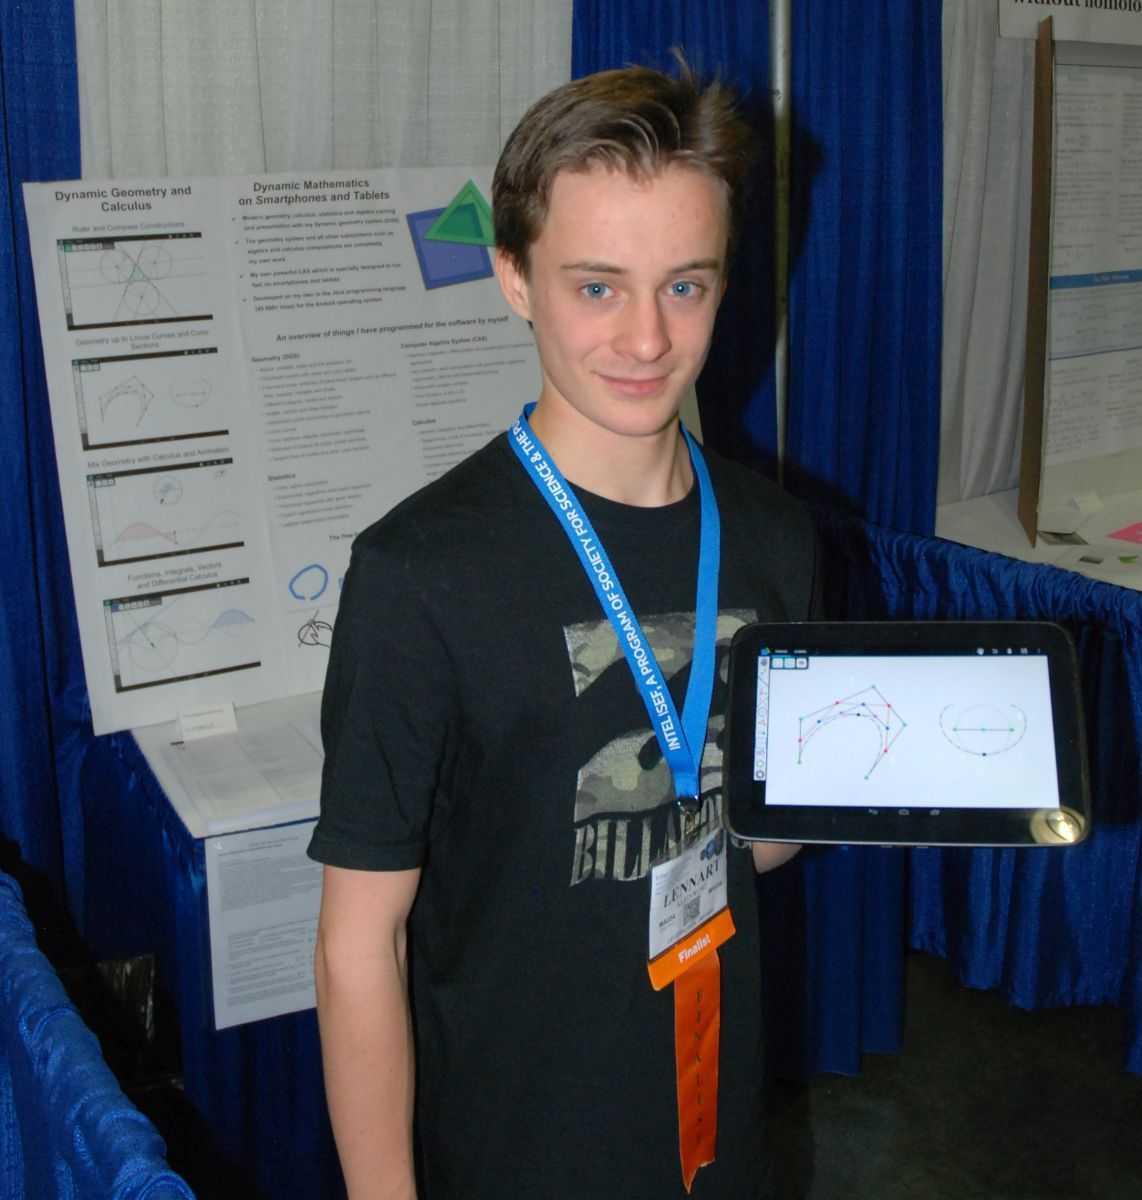 Lennart Kleinwort (15) hat eine Android-App programmiert, die das Ergebnis mathematischer Berechnungen grafisch darstellt und per Touch-Eingabe deren Manipulation erlaubt.